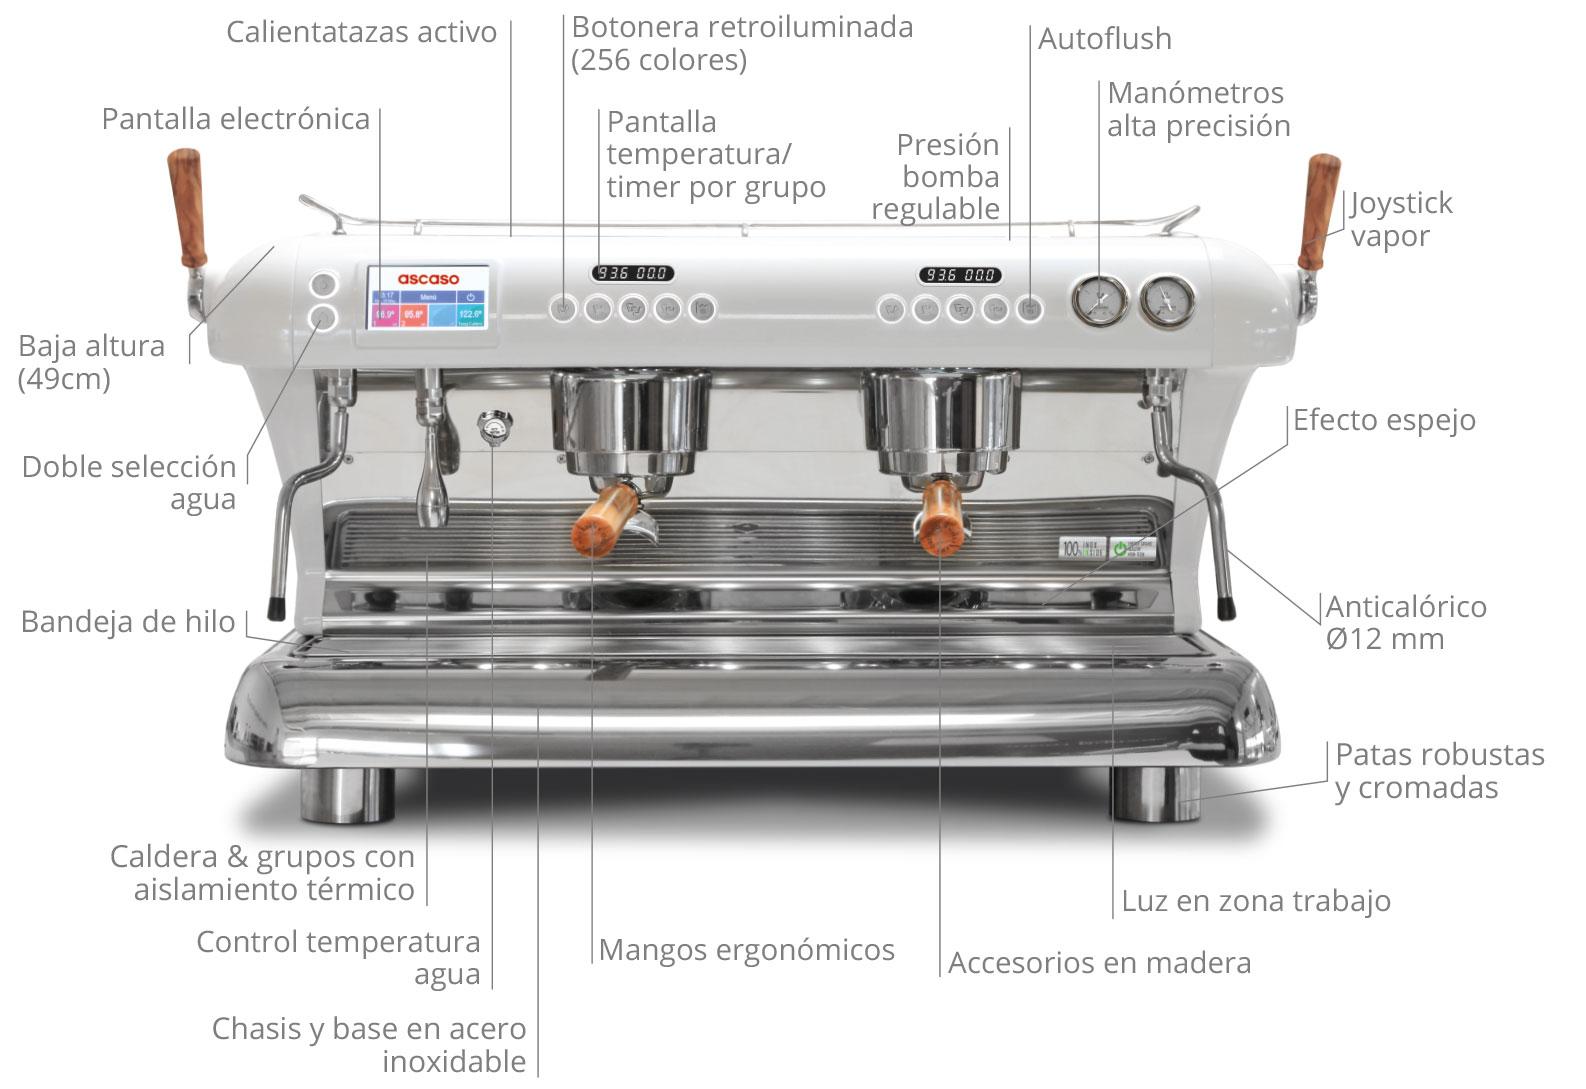 La primera Maquina espresso 100% acero inoxidable para café en el mundo. explica todas las funcionalidades de la maquina